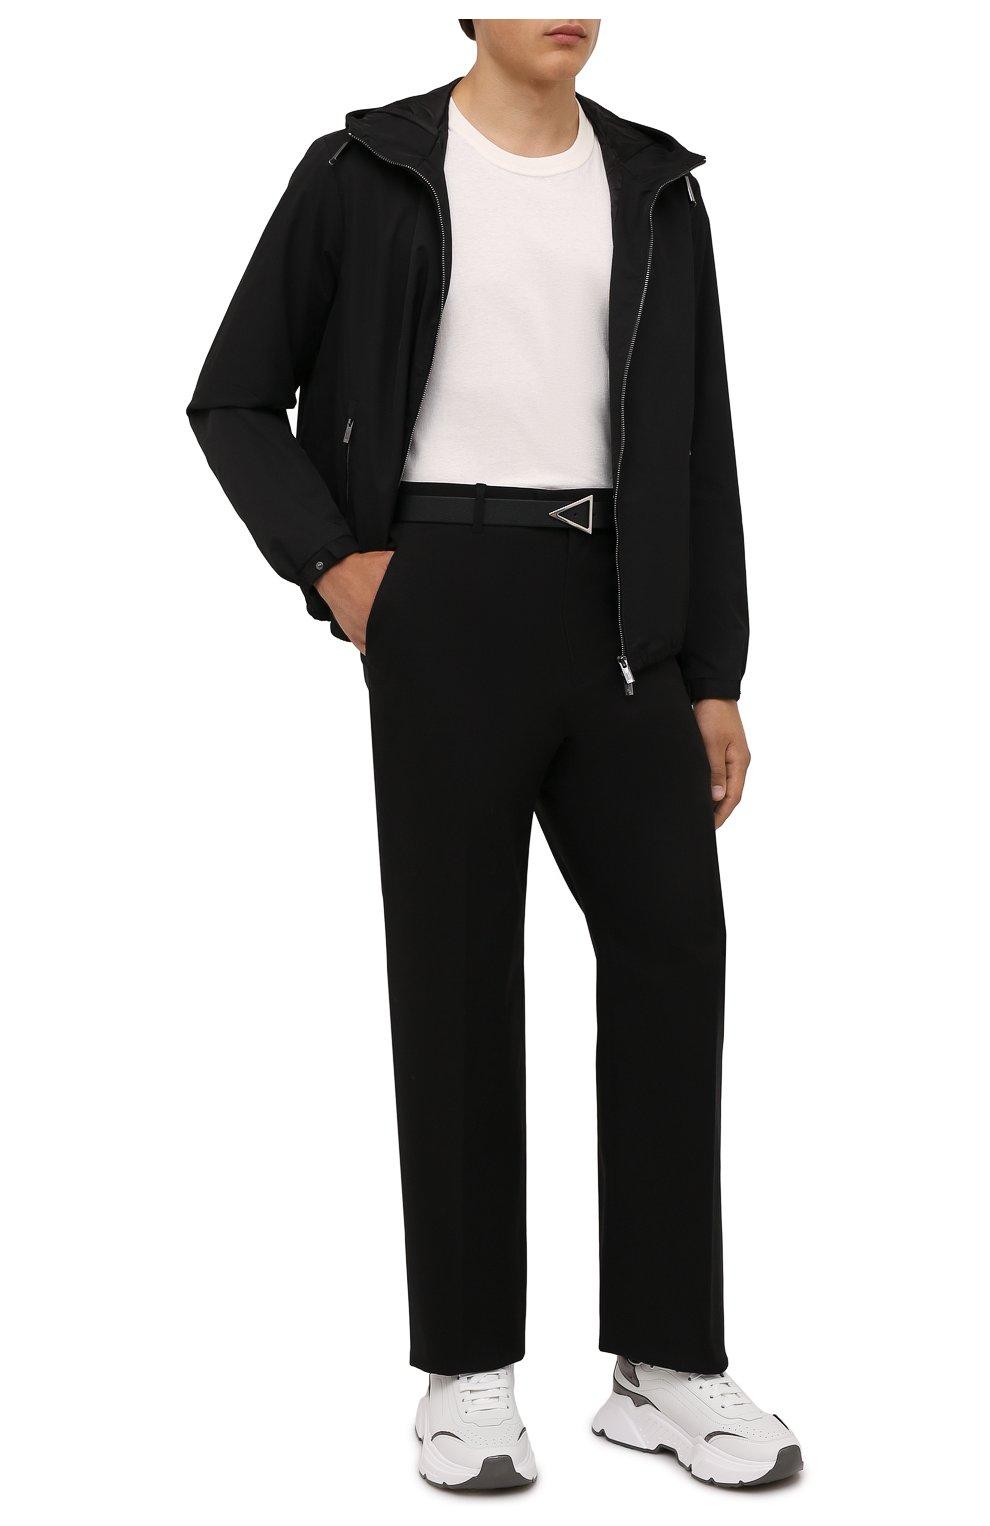 Мужская куртка EMPORIO ARMANI черного цвета, арт. 8N1BQ0/1NZQZ | Фото 2 (Кросс-КТ: Куртка, Ветровка; Рукава: Длинные; Материал внешний: Синтетический материал; Стили: Спорт-шик; Материал подклада: Синтетический материал; Длина (верхняя одежда): Короткие)